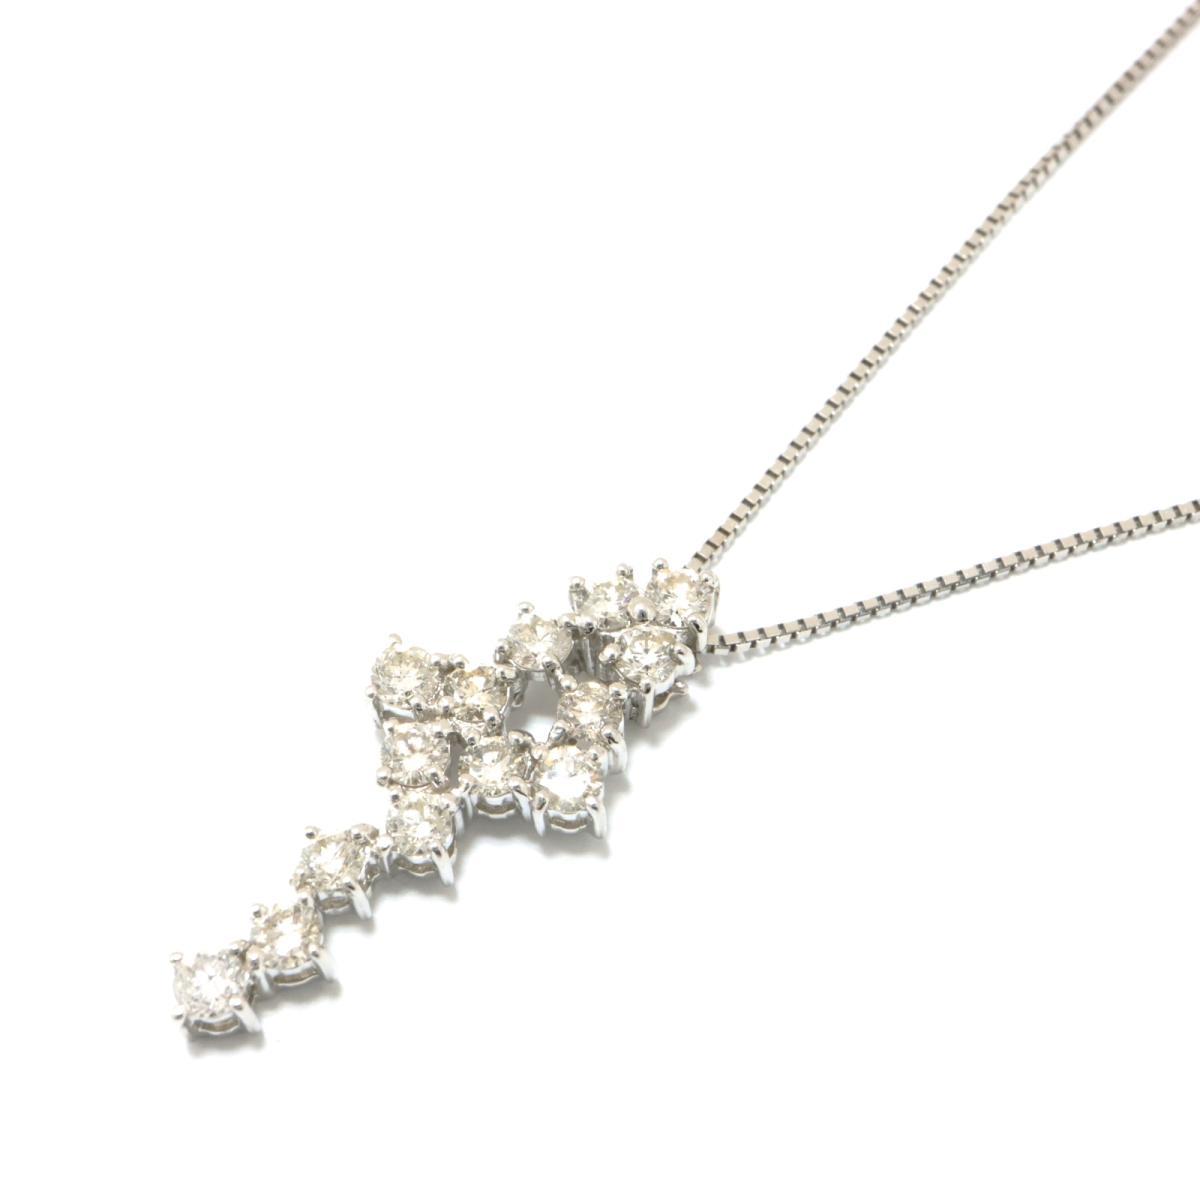 【中古】 ジュエリー ダイヤモンド ネックレス レディース K18WG (750) ホワイトゴールド x (1.00ct) クリアー シルバー | JEWELRY BRANDOFF ブランドオフ ブランド アクセサリー ペンダント